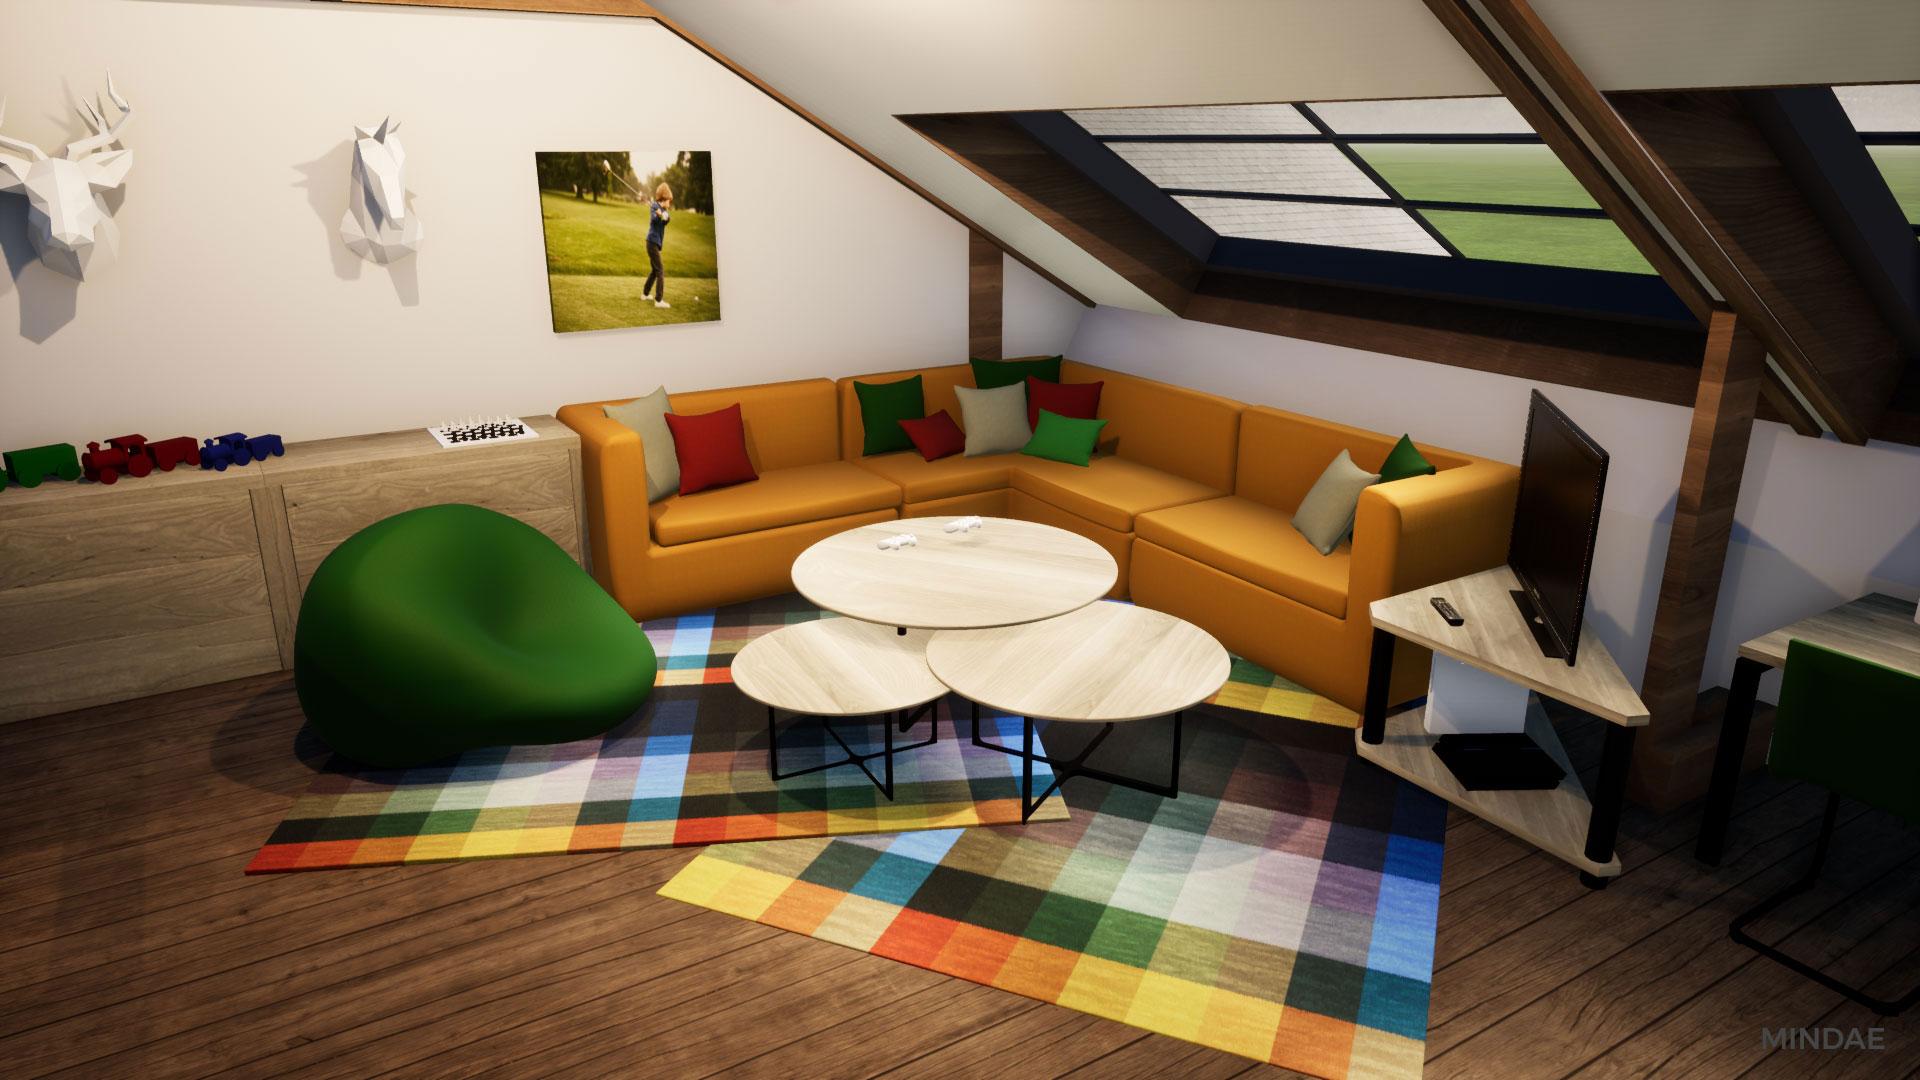 Mindae_3D_golf_caen_bluegreen_étage_projet_garderie-(2)